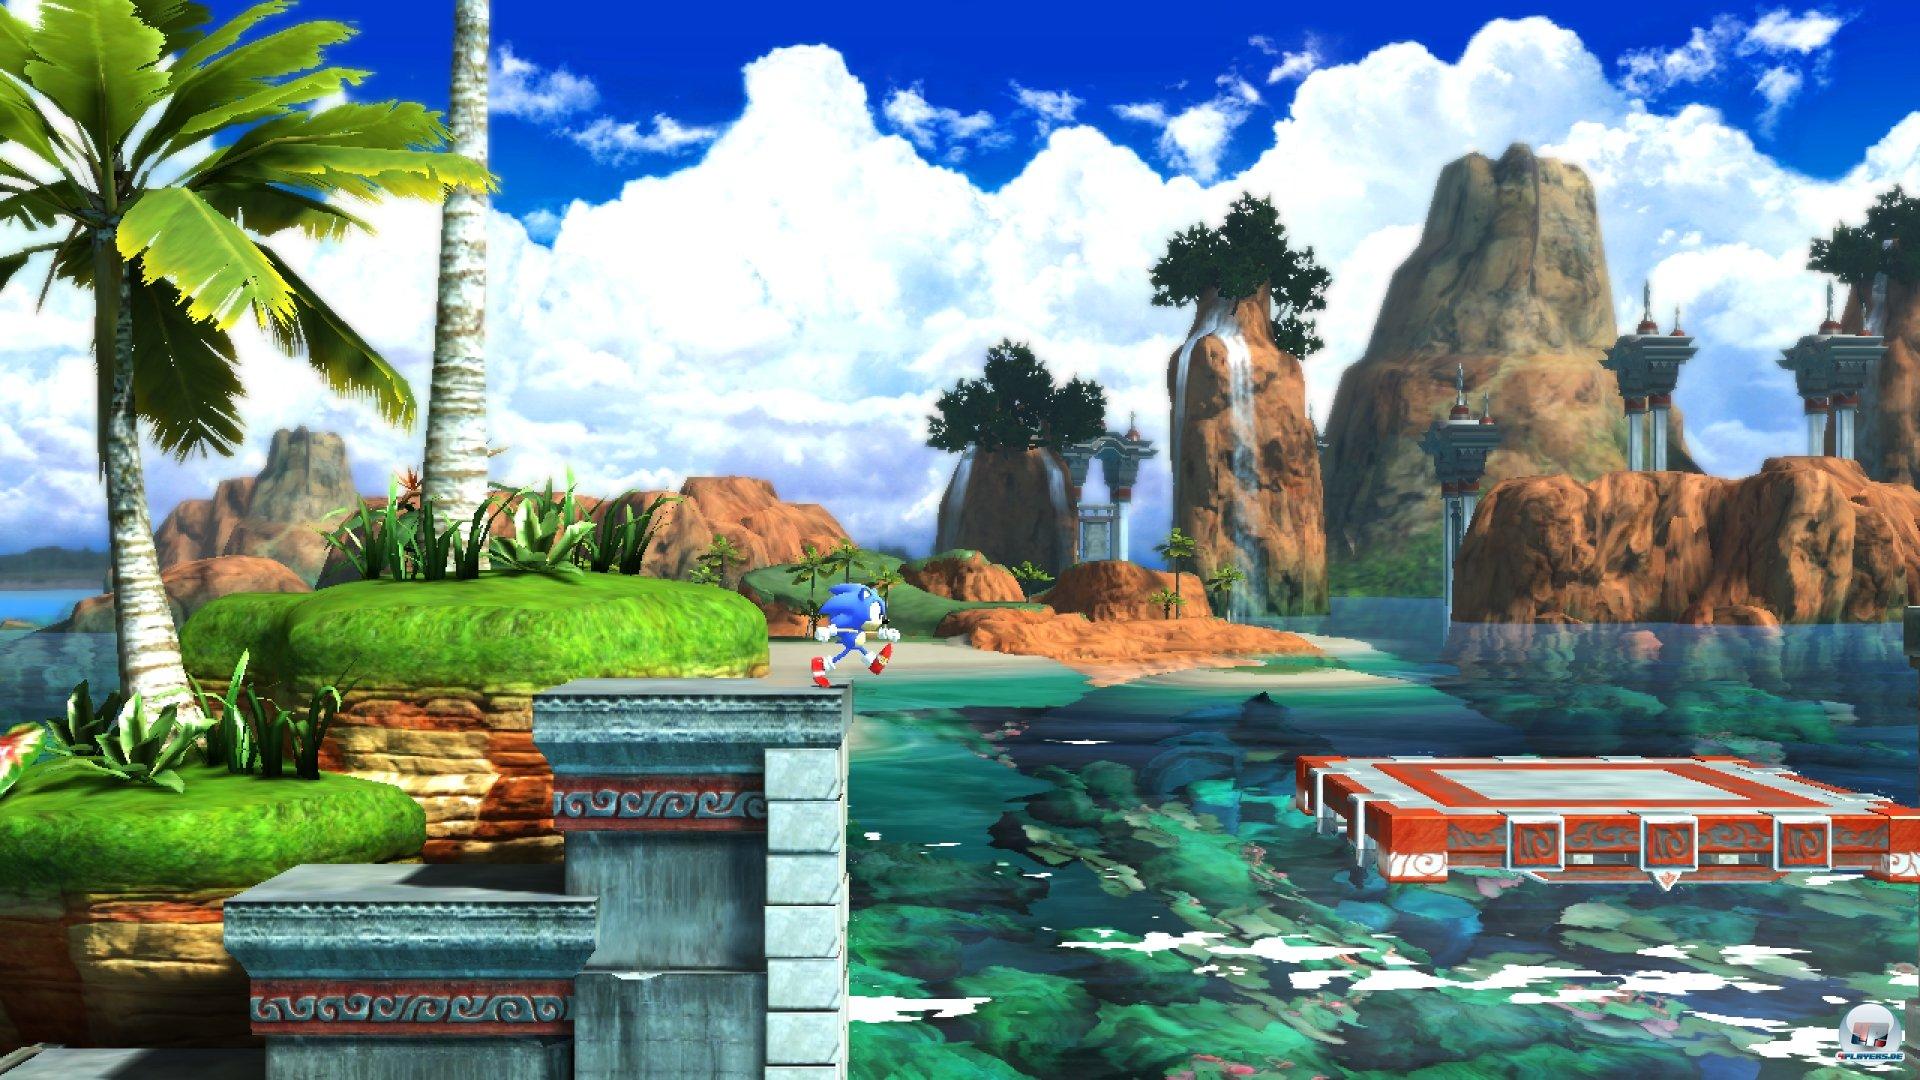 Jeder der Level besitzt zwei Akte. Im ersten läuft und kugelt sich der klassische Sonic von links nach rechts...